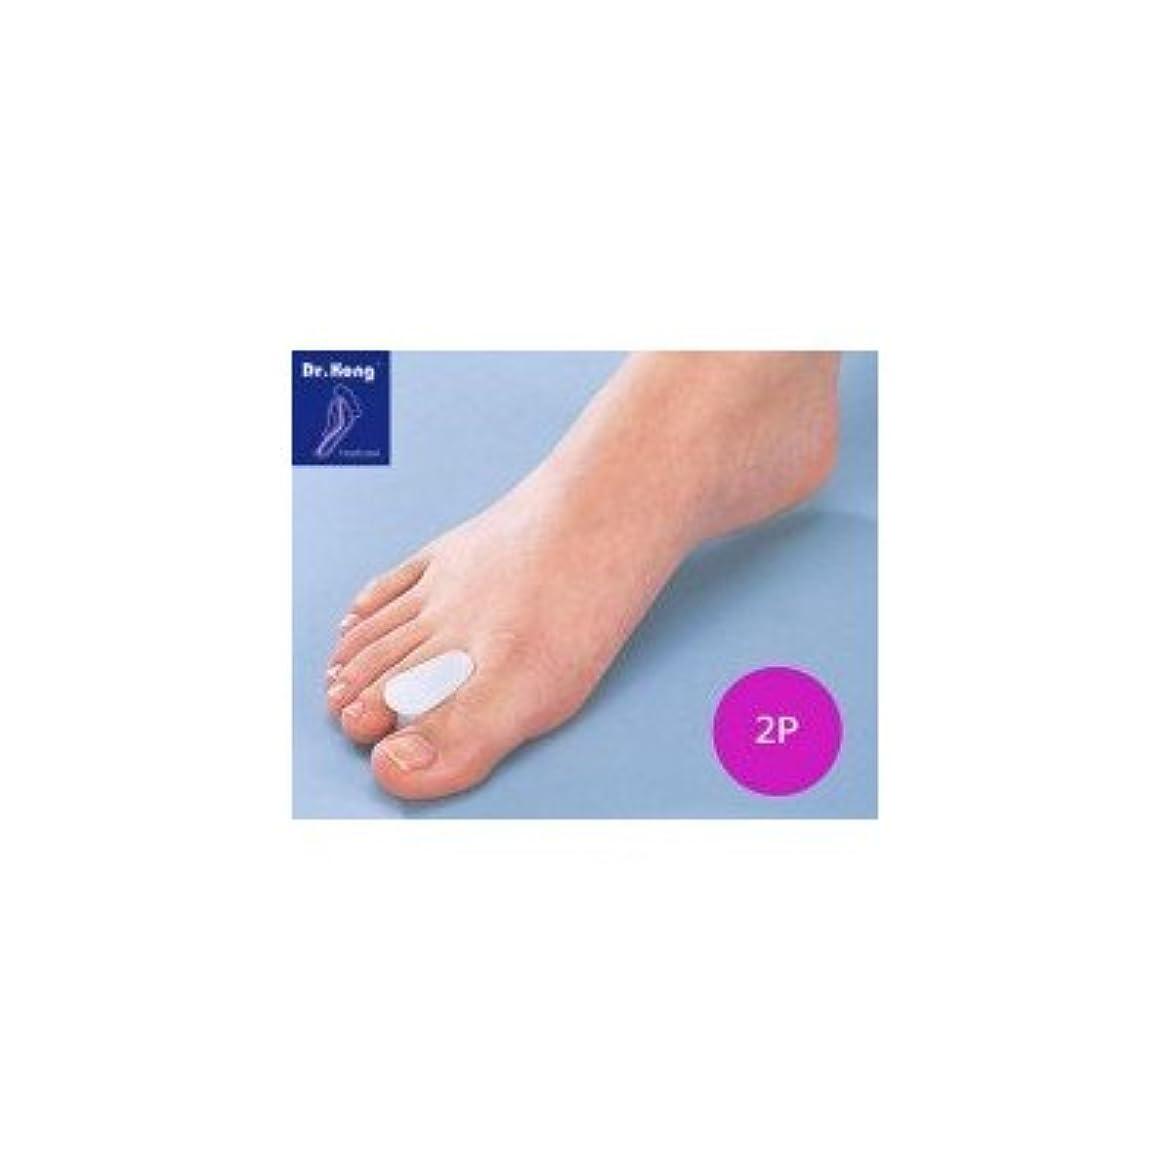 振動するほとんどの場合器具Dr.コング バイオジェル足指セパレーター 2P 114002 心地いいフィット感 痛みに合わせて選べるフットケア